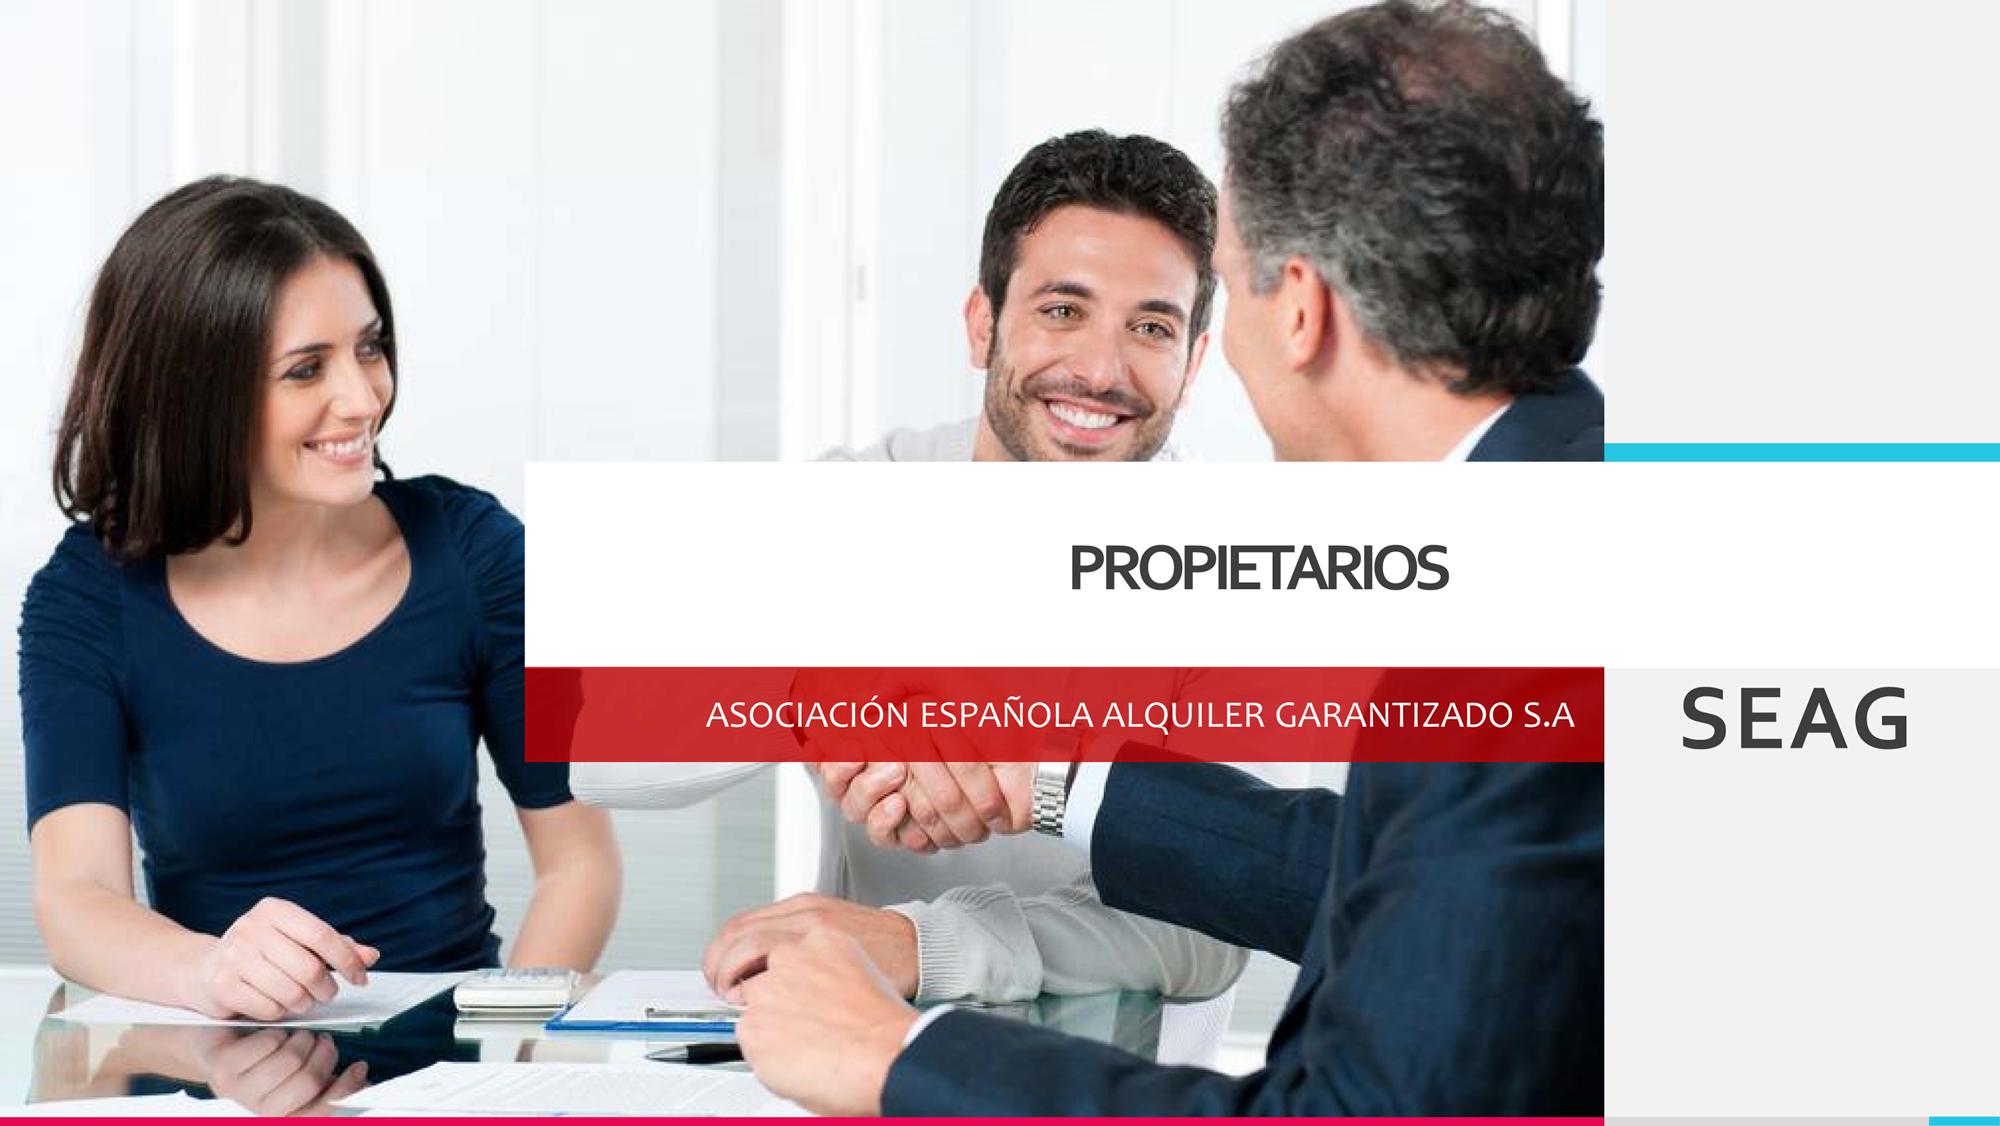 Inmobiliaria Mies - Seag - Alquiler garantizado (2)